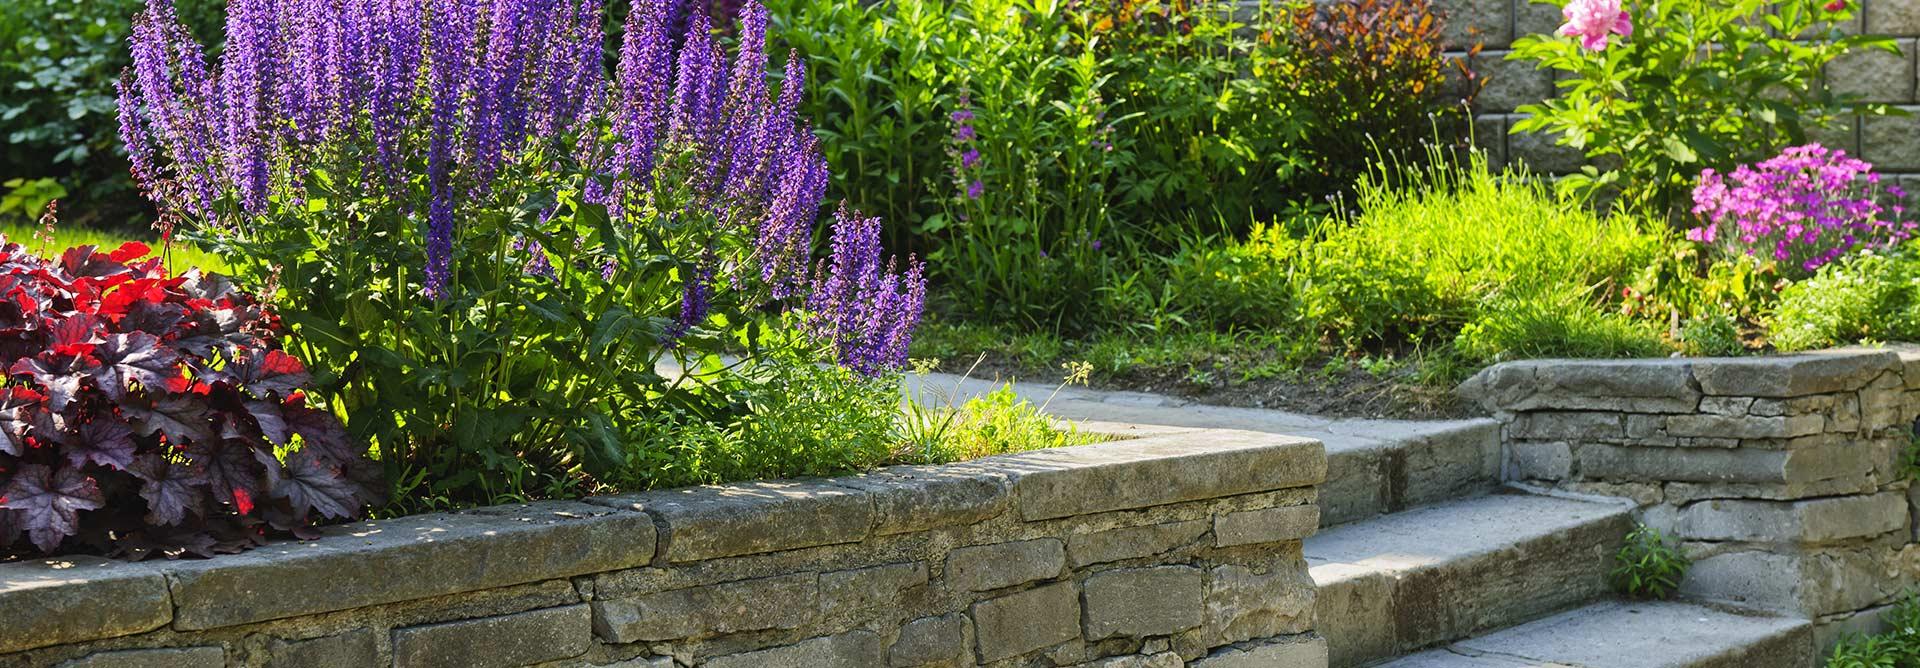 création de jardin à votre image grâce à un paysagiste confirmé à Sérifontaine